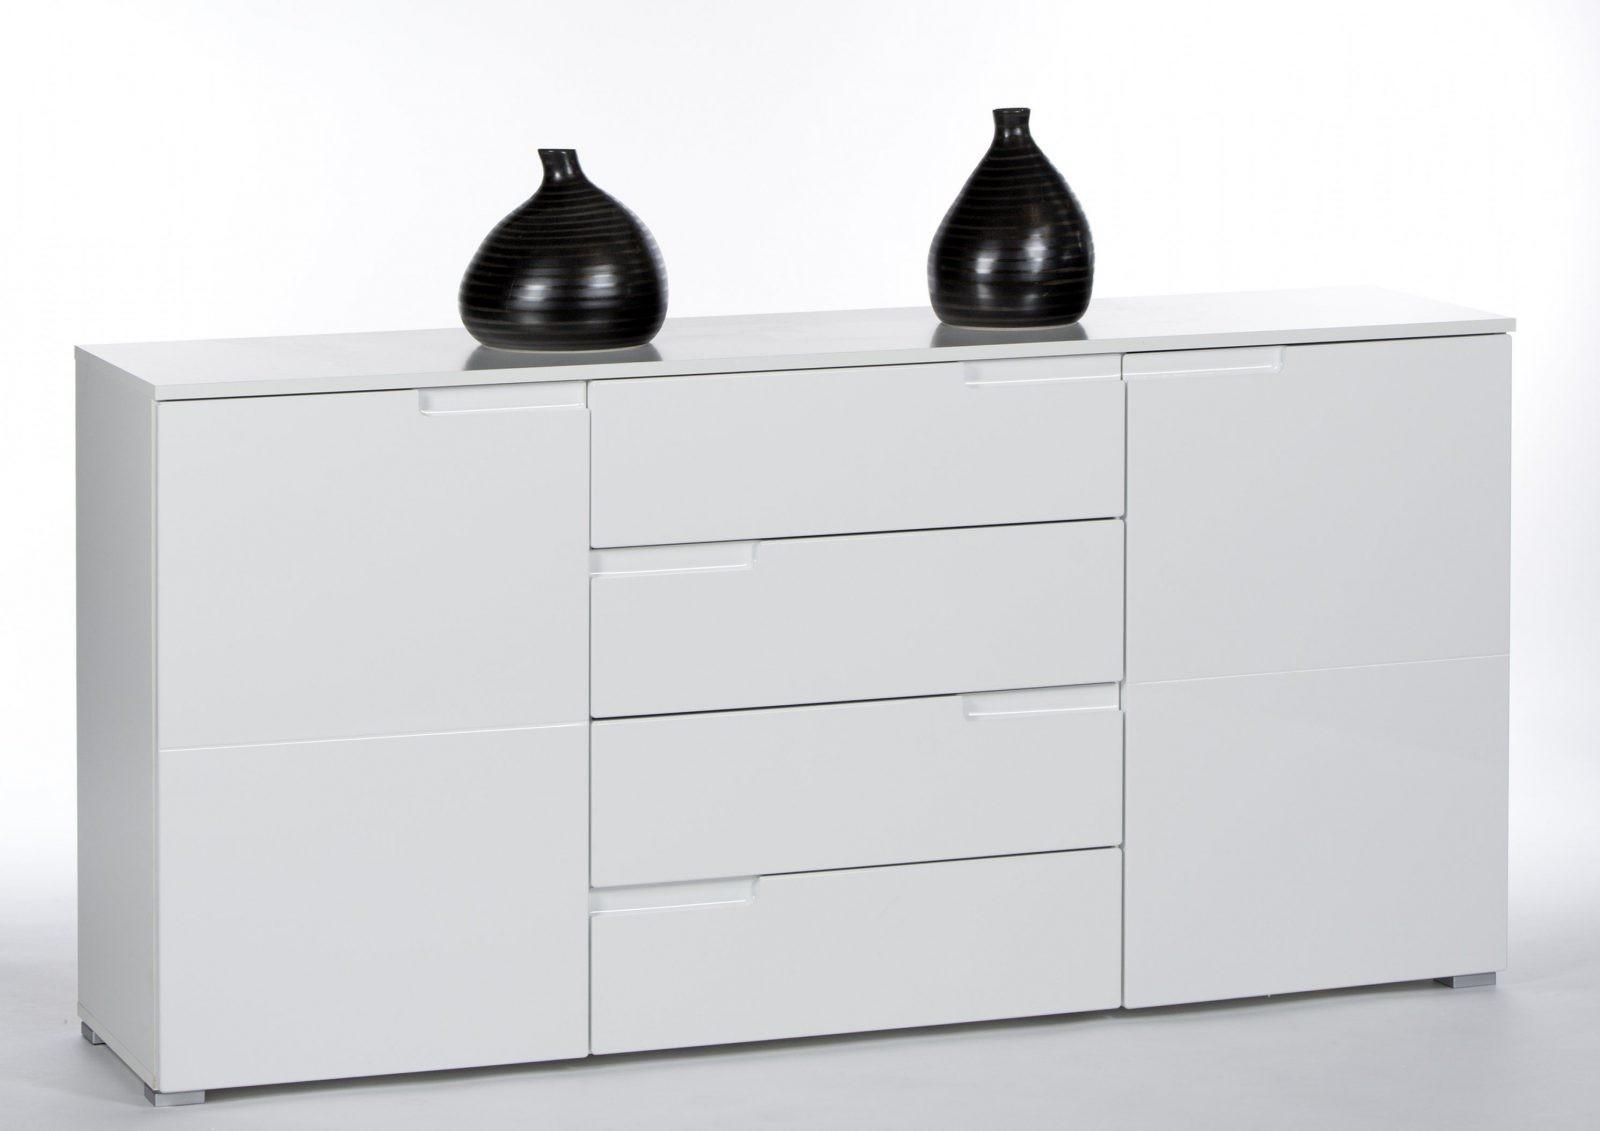 Sideboard Weiss Hochglanz Mit 2 Türen Und 4 Schubkästen von Regal Mit Türen Weiß Hochglanz Bild